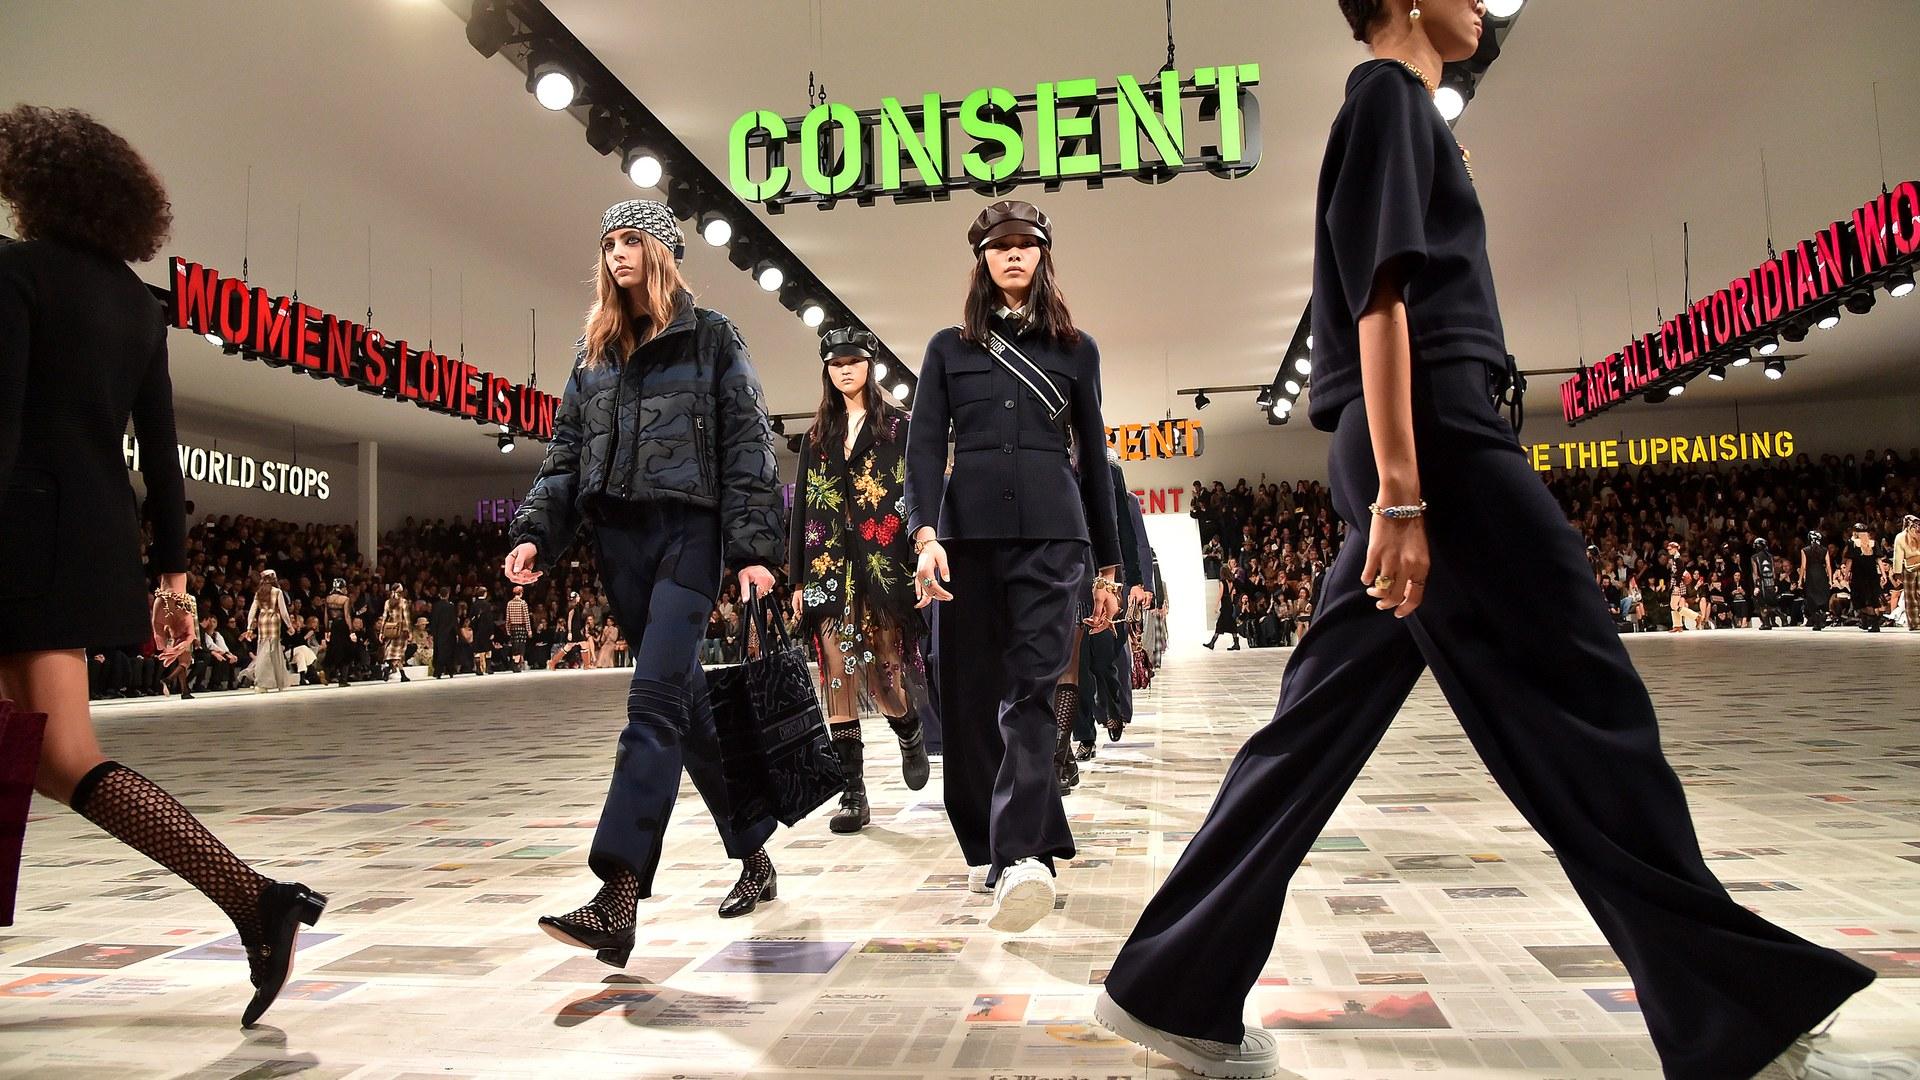 Hình ảnh ấn tượng tại sàn diễn Thu - Đông 2020 của Christian Dior